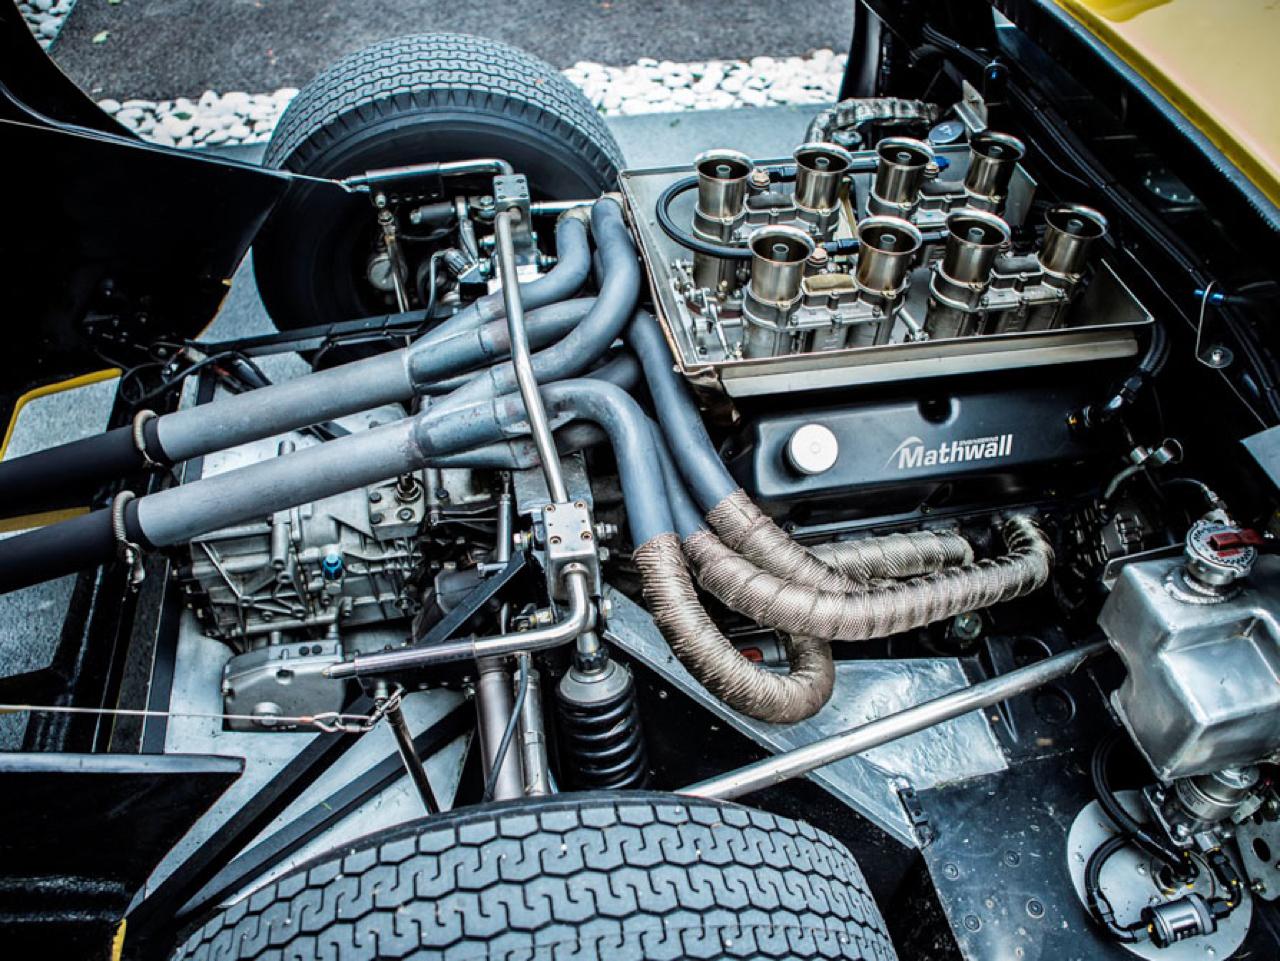 '68 Ford GT40 - Racing queen... 43